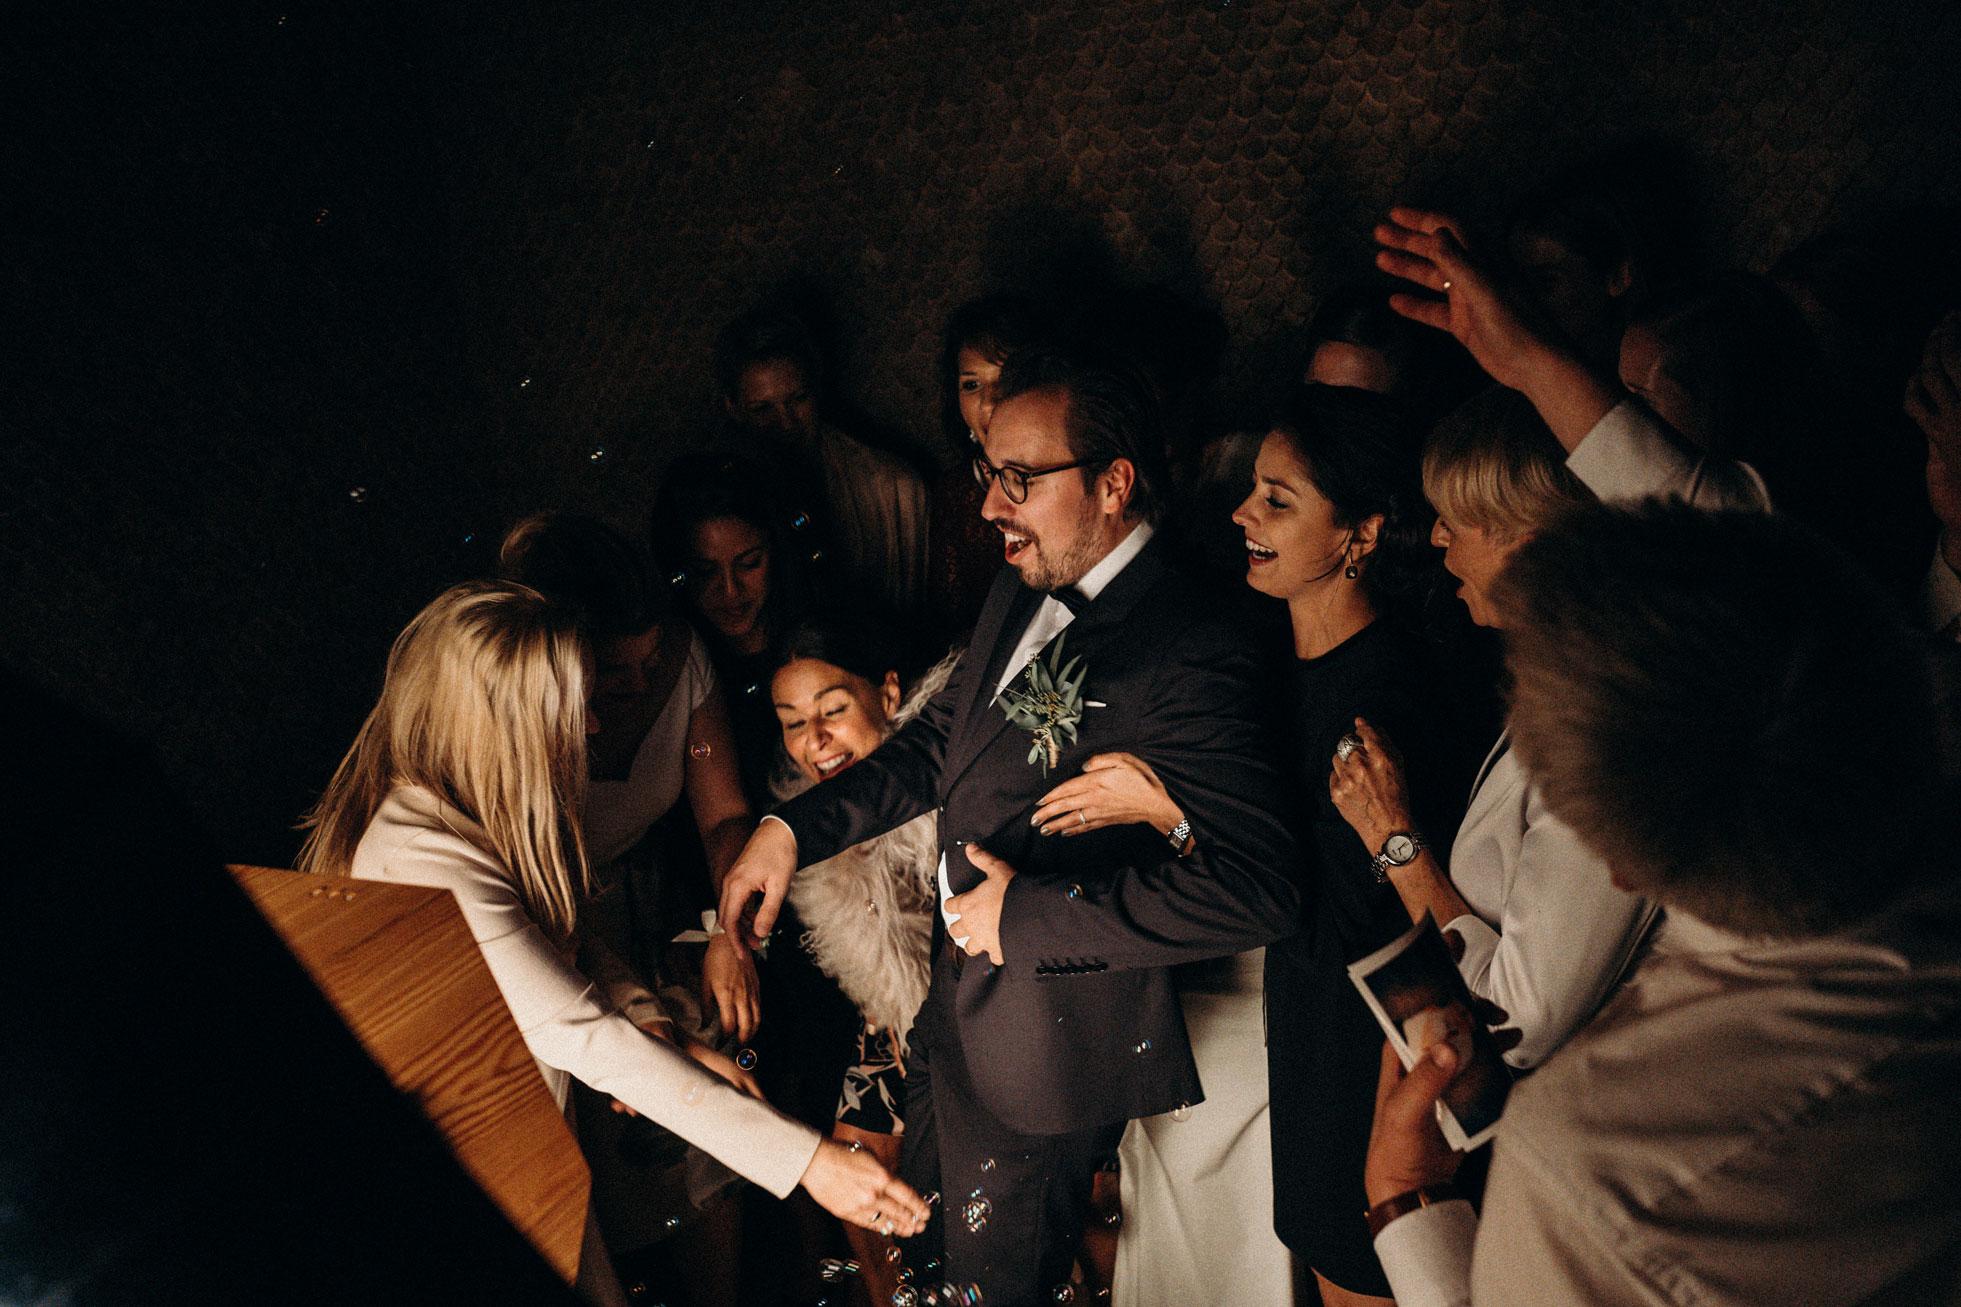 Hochzeit_Claire_Manuel_Villa_Maund_Daniel_Jenny-540.jpg